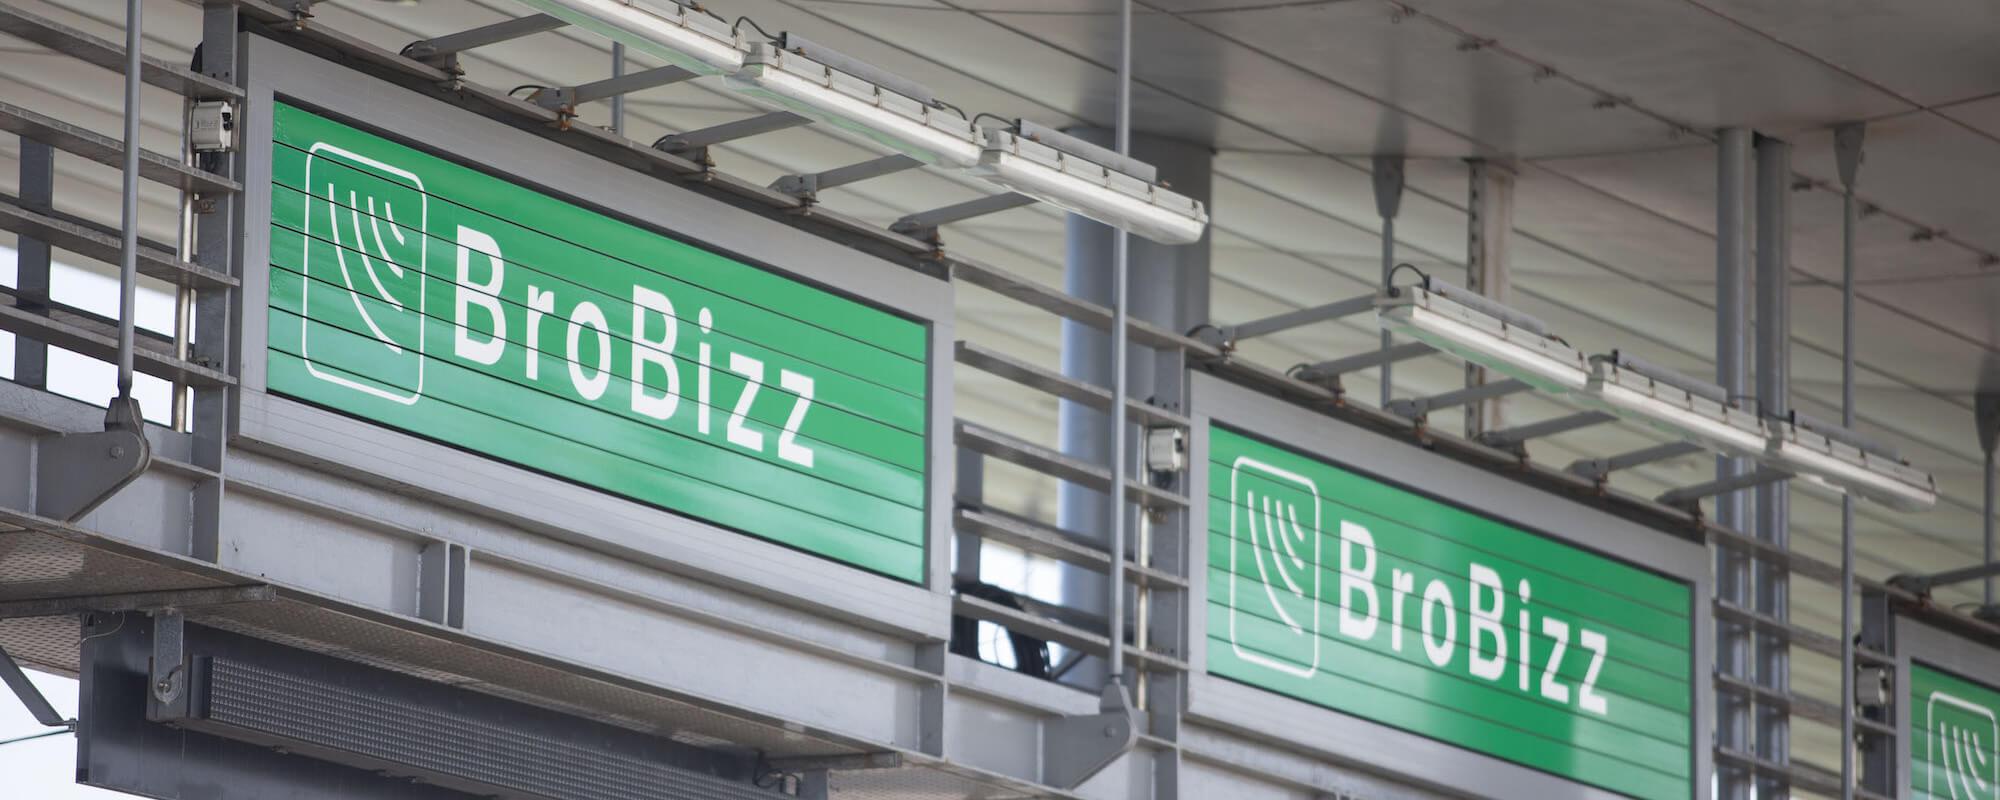 Зеленые – для пользователей BroBizz